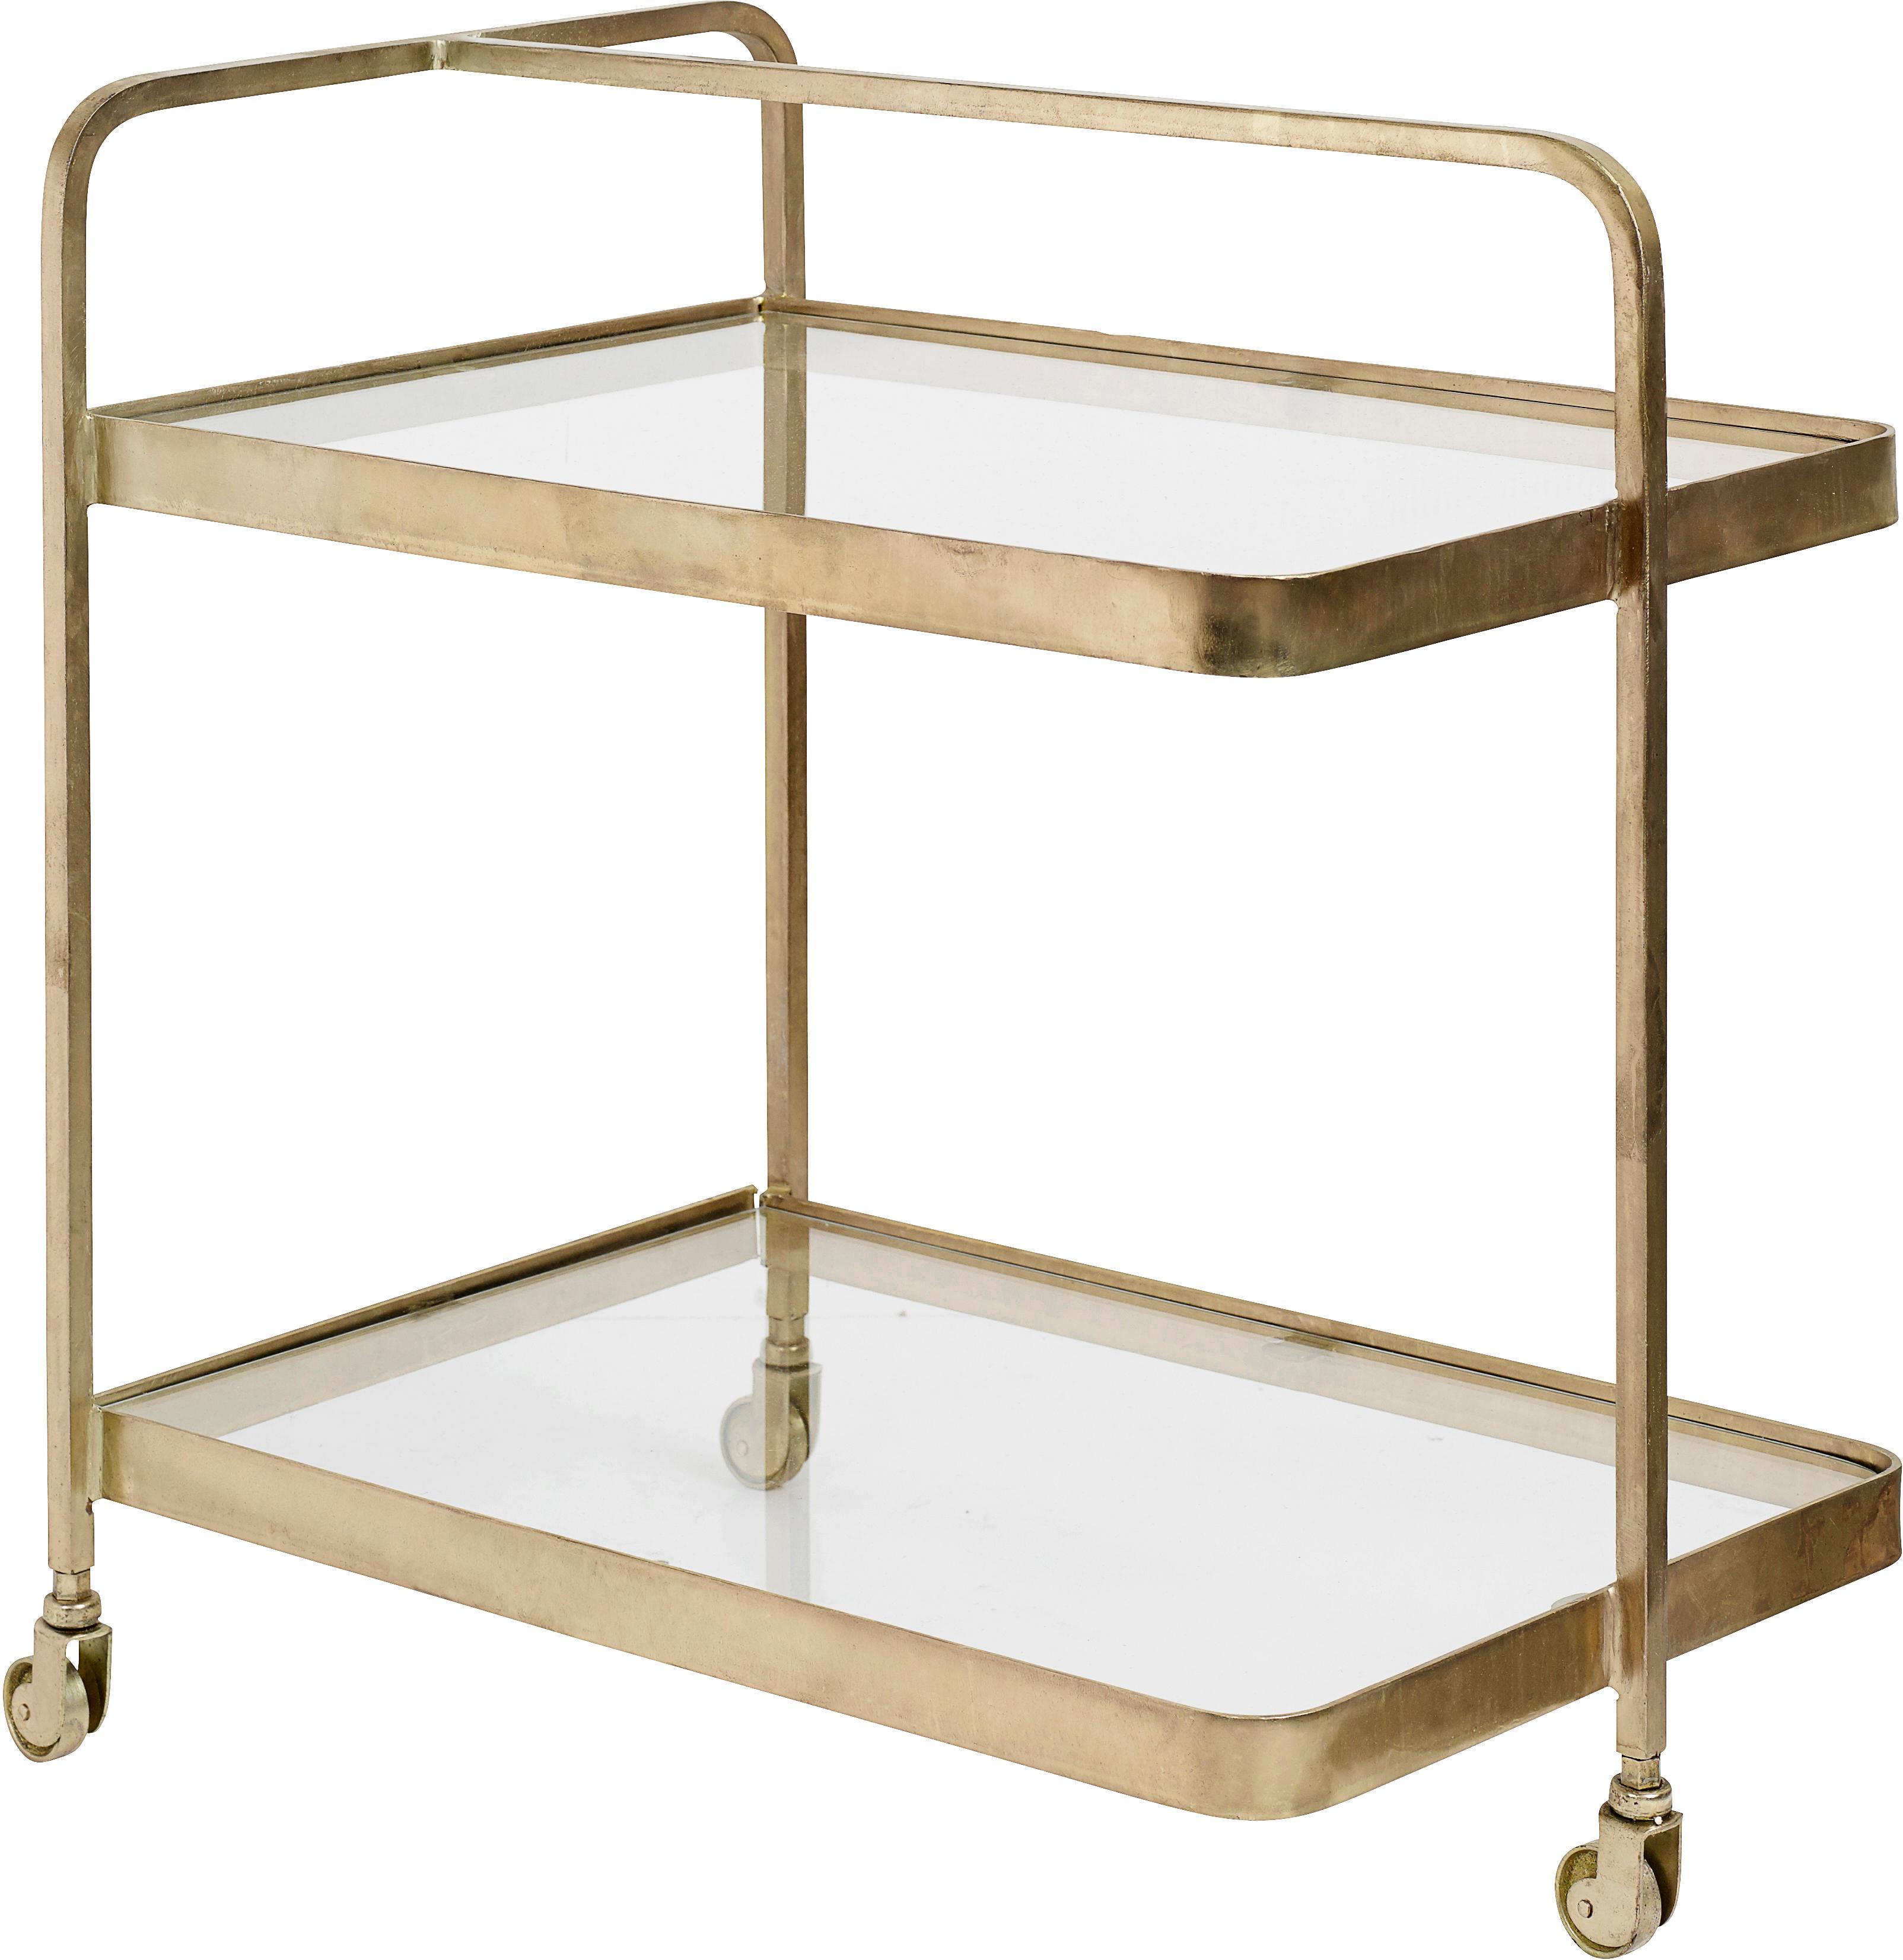 Carrello di servizio in metallo e vetro Troy, Struttura: metallo ottonato, Ripiani: vetro, Dorato, Larg. 70 x Alt. 75 cm